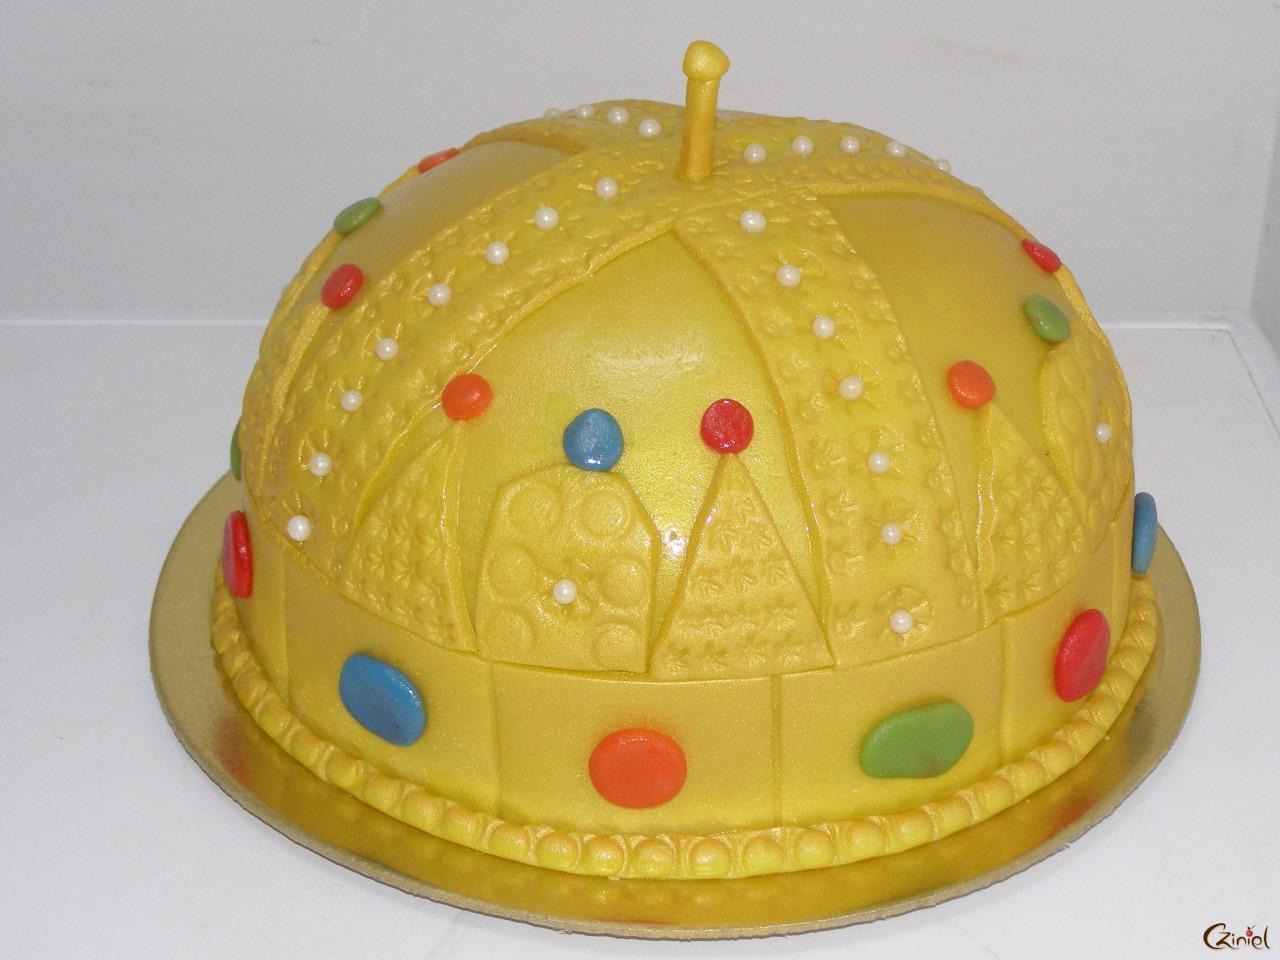 A pécsi önkormányzat megtiltotta a szülőknek, hogy tortát vigyenek az oviba a gyerekük születésnapján